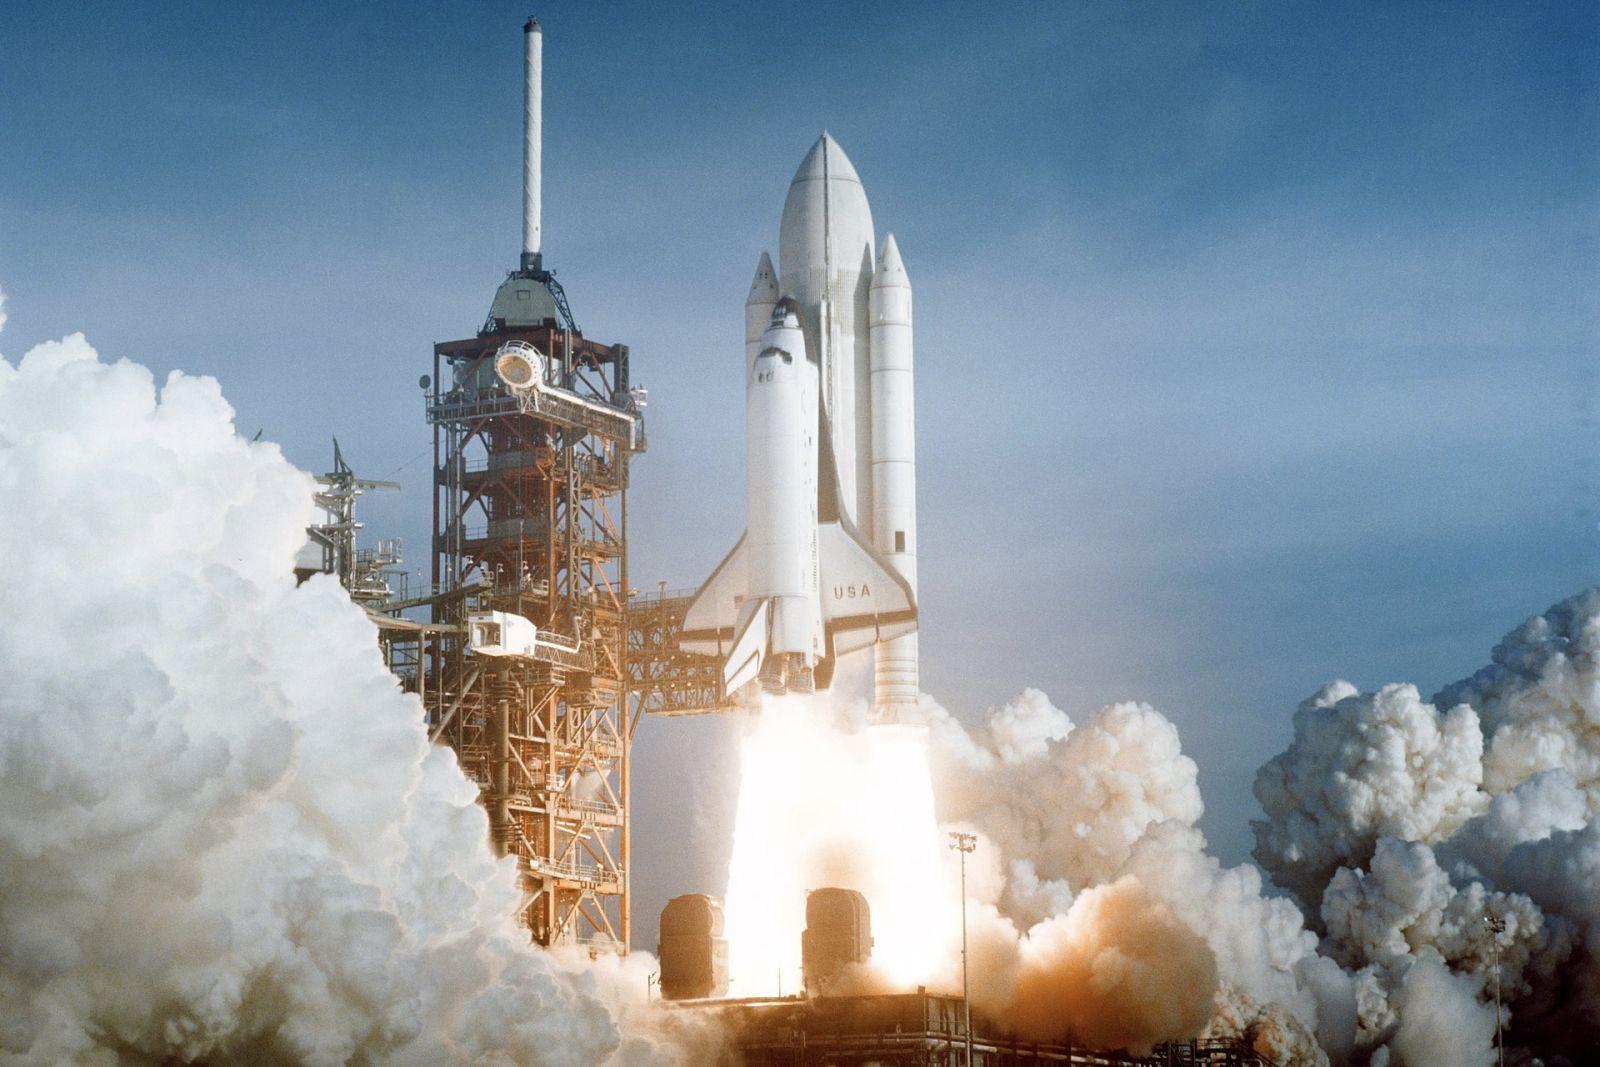 گرامیداشت دهمین سالگرد پرتاب آخرین شاتل فضایی توسط ناسا [تماشا کنید]